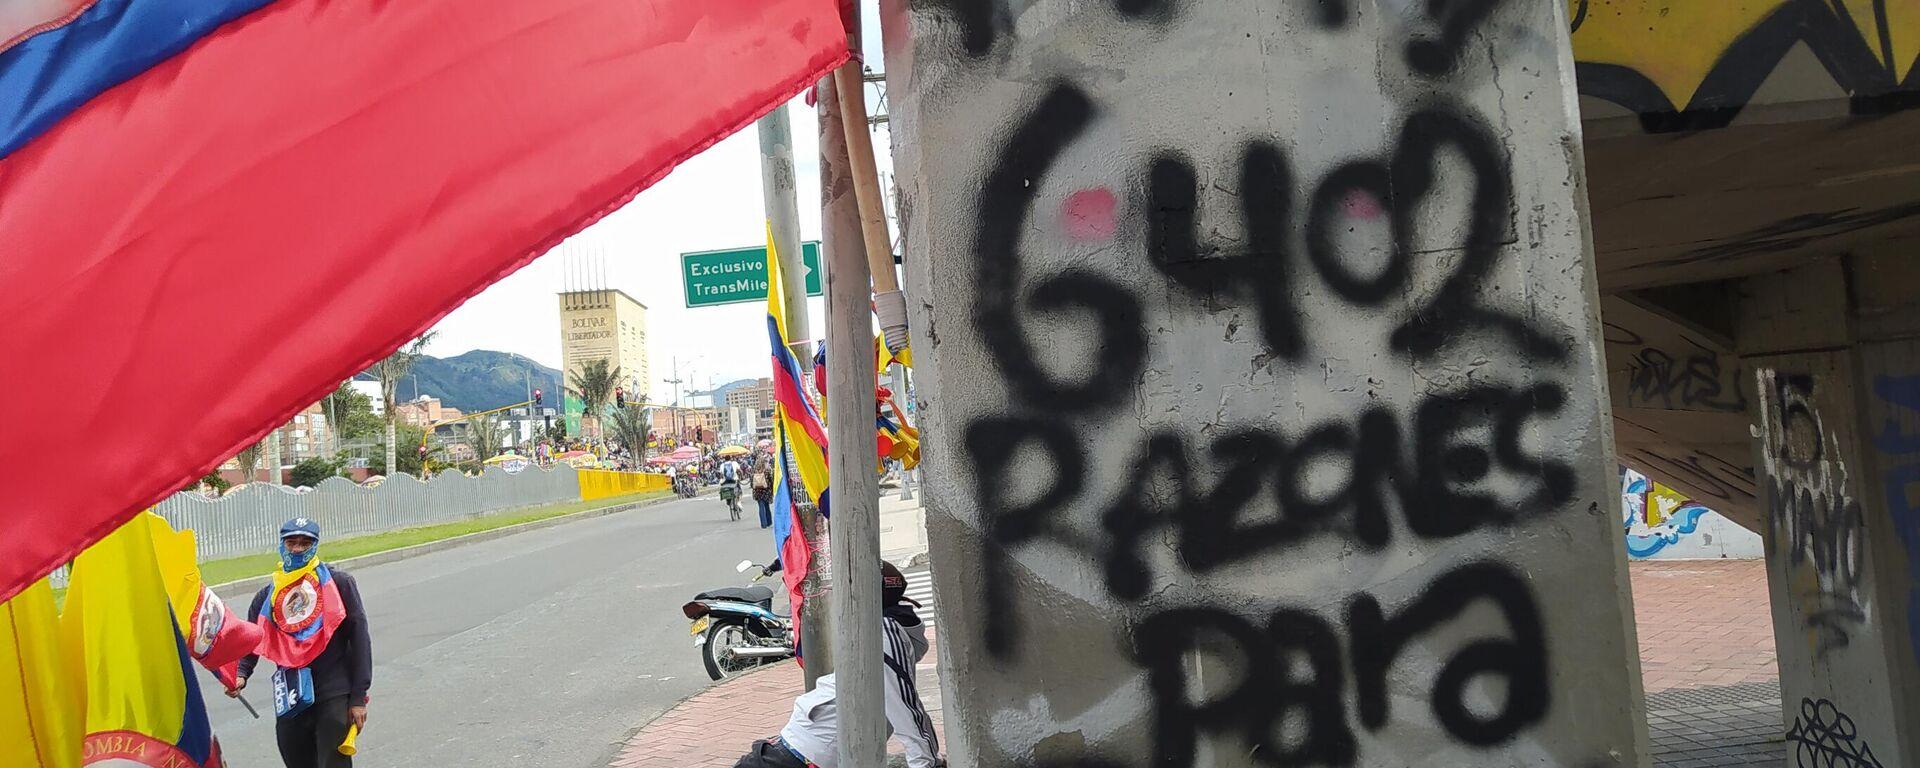 Protestas en Bogotá - Sputnik Mundo, 1920, 15.06.2021